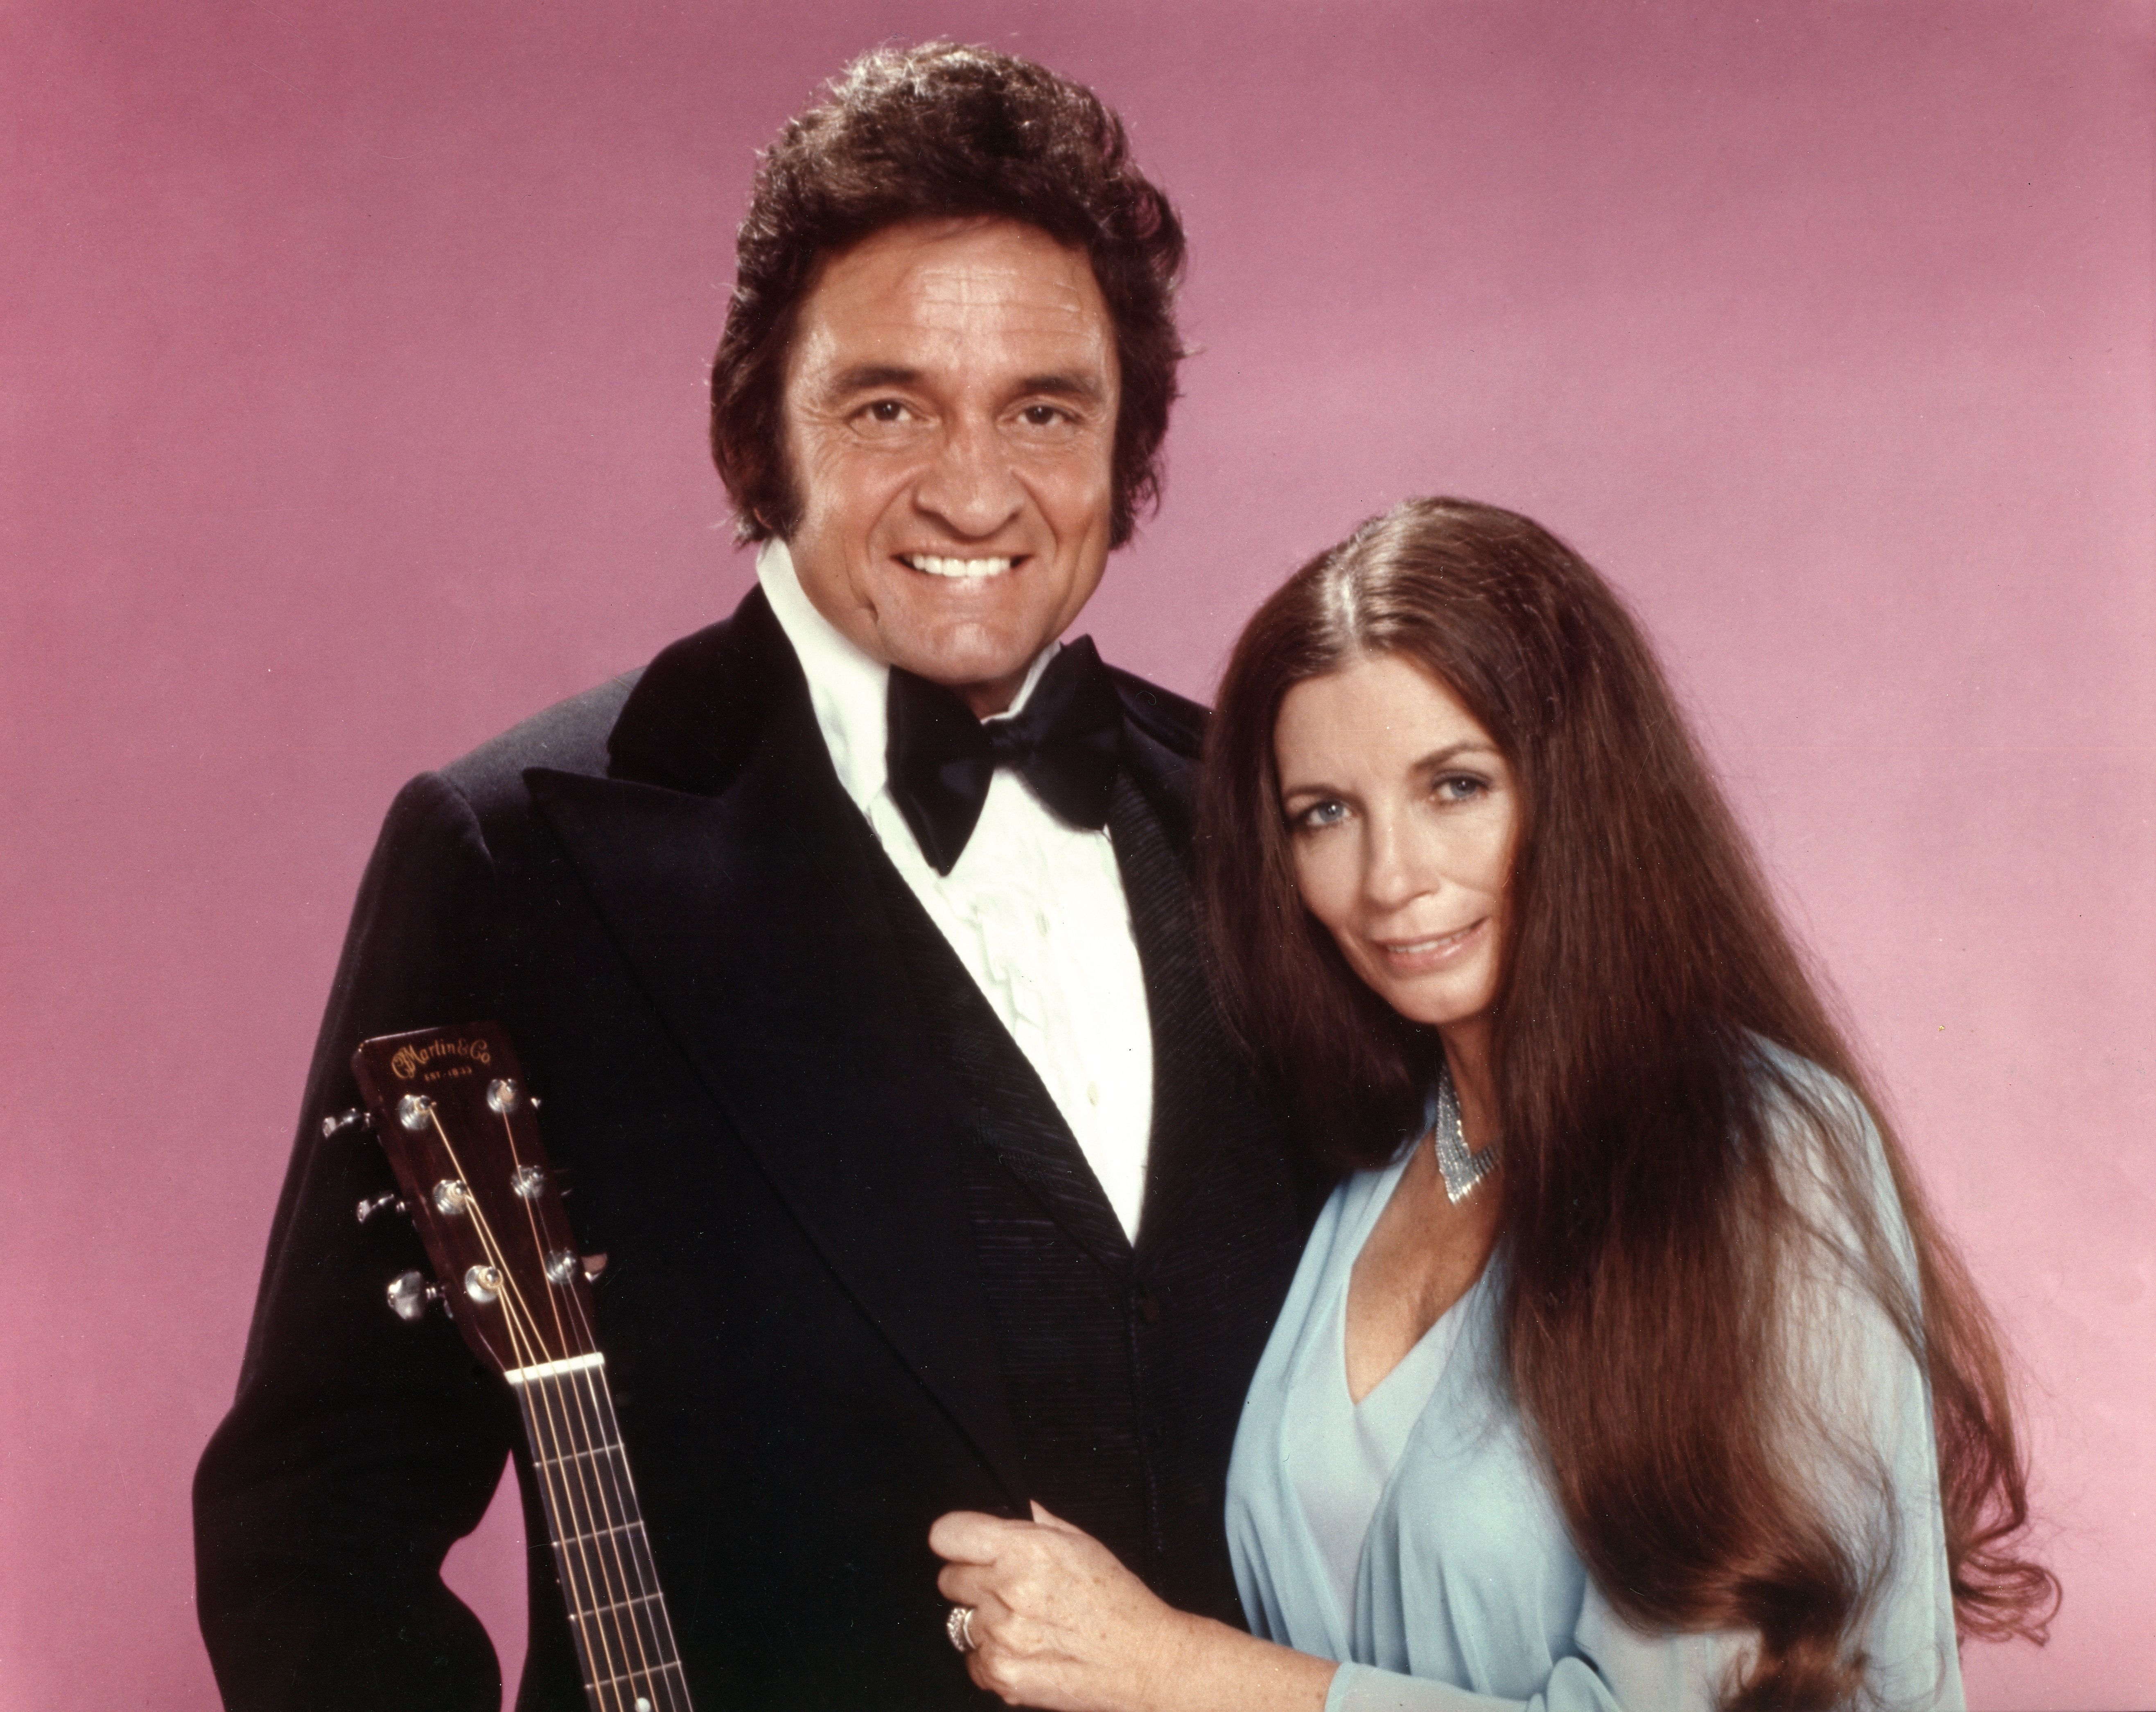 Johnny Cash & June Carter Cash | CASH, Johnny Cash, June ...